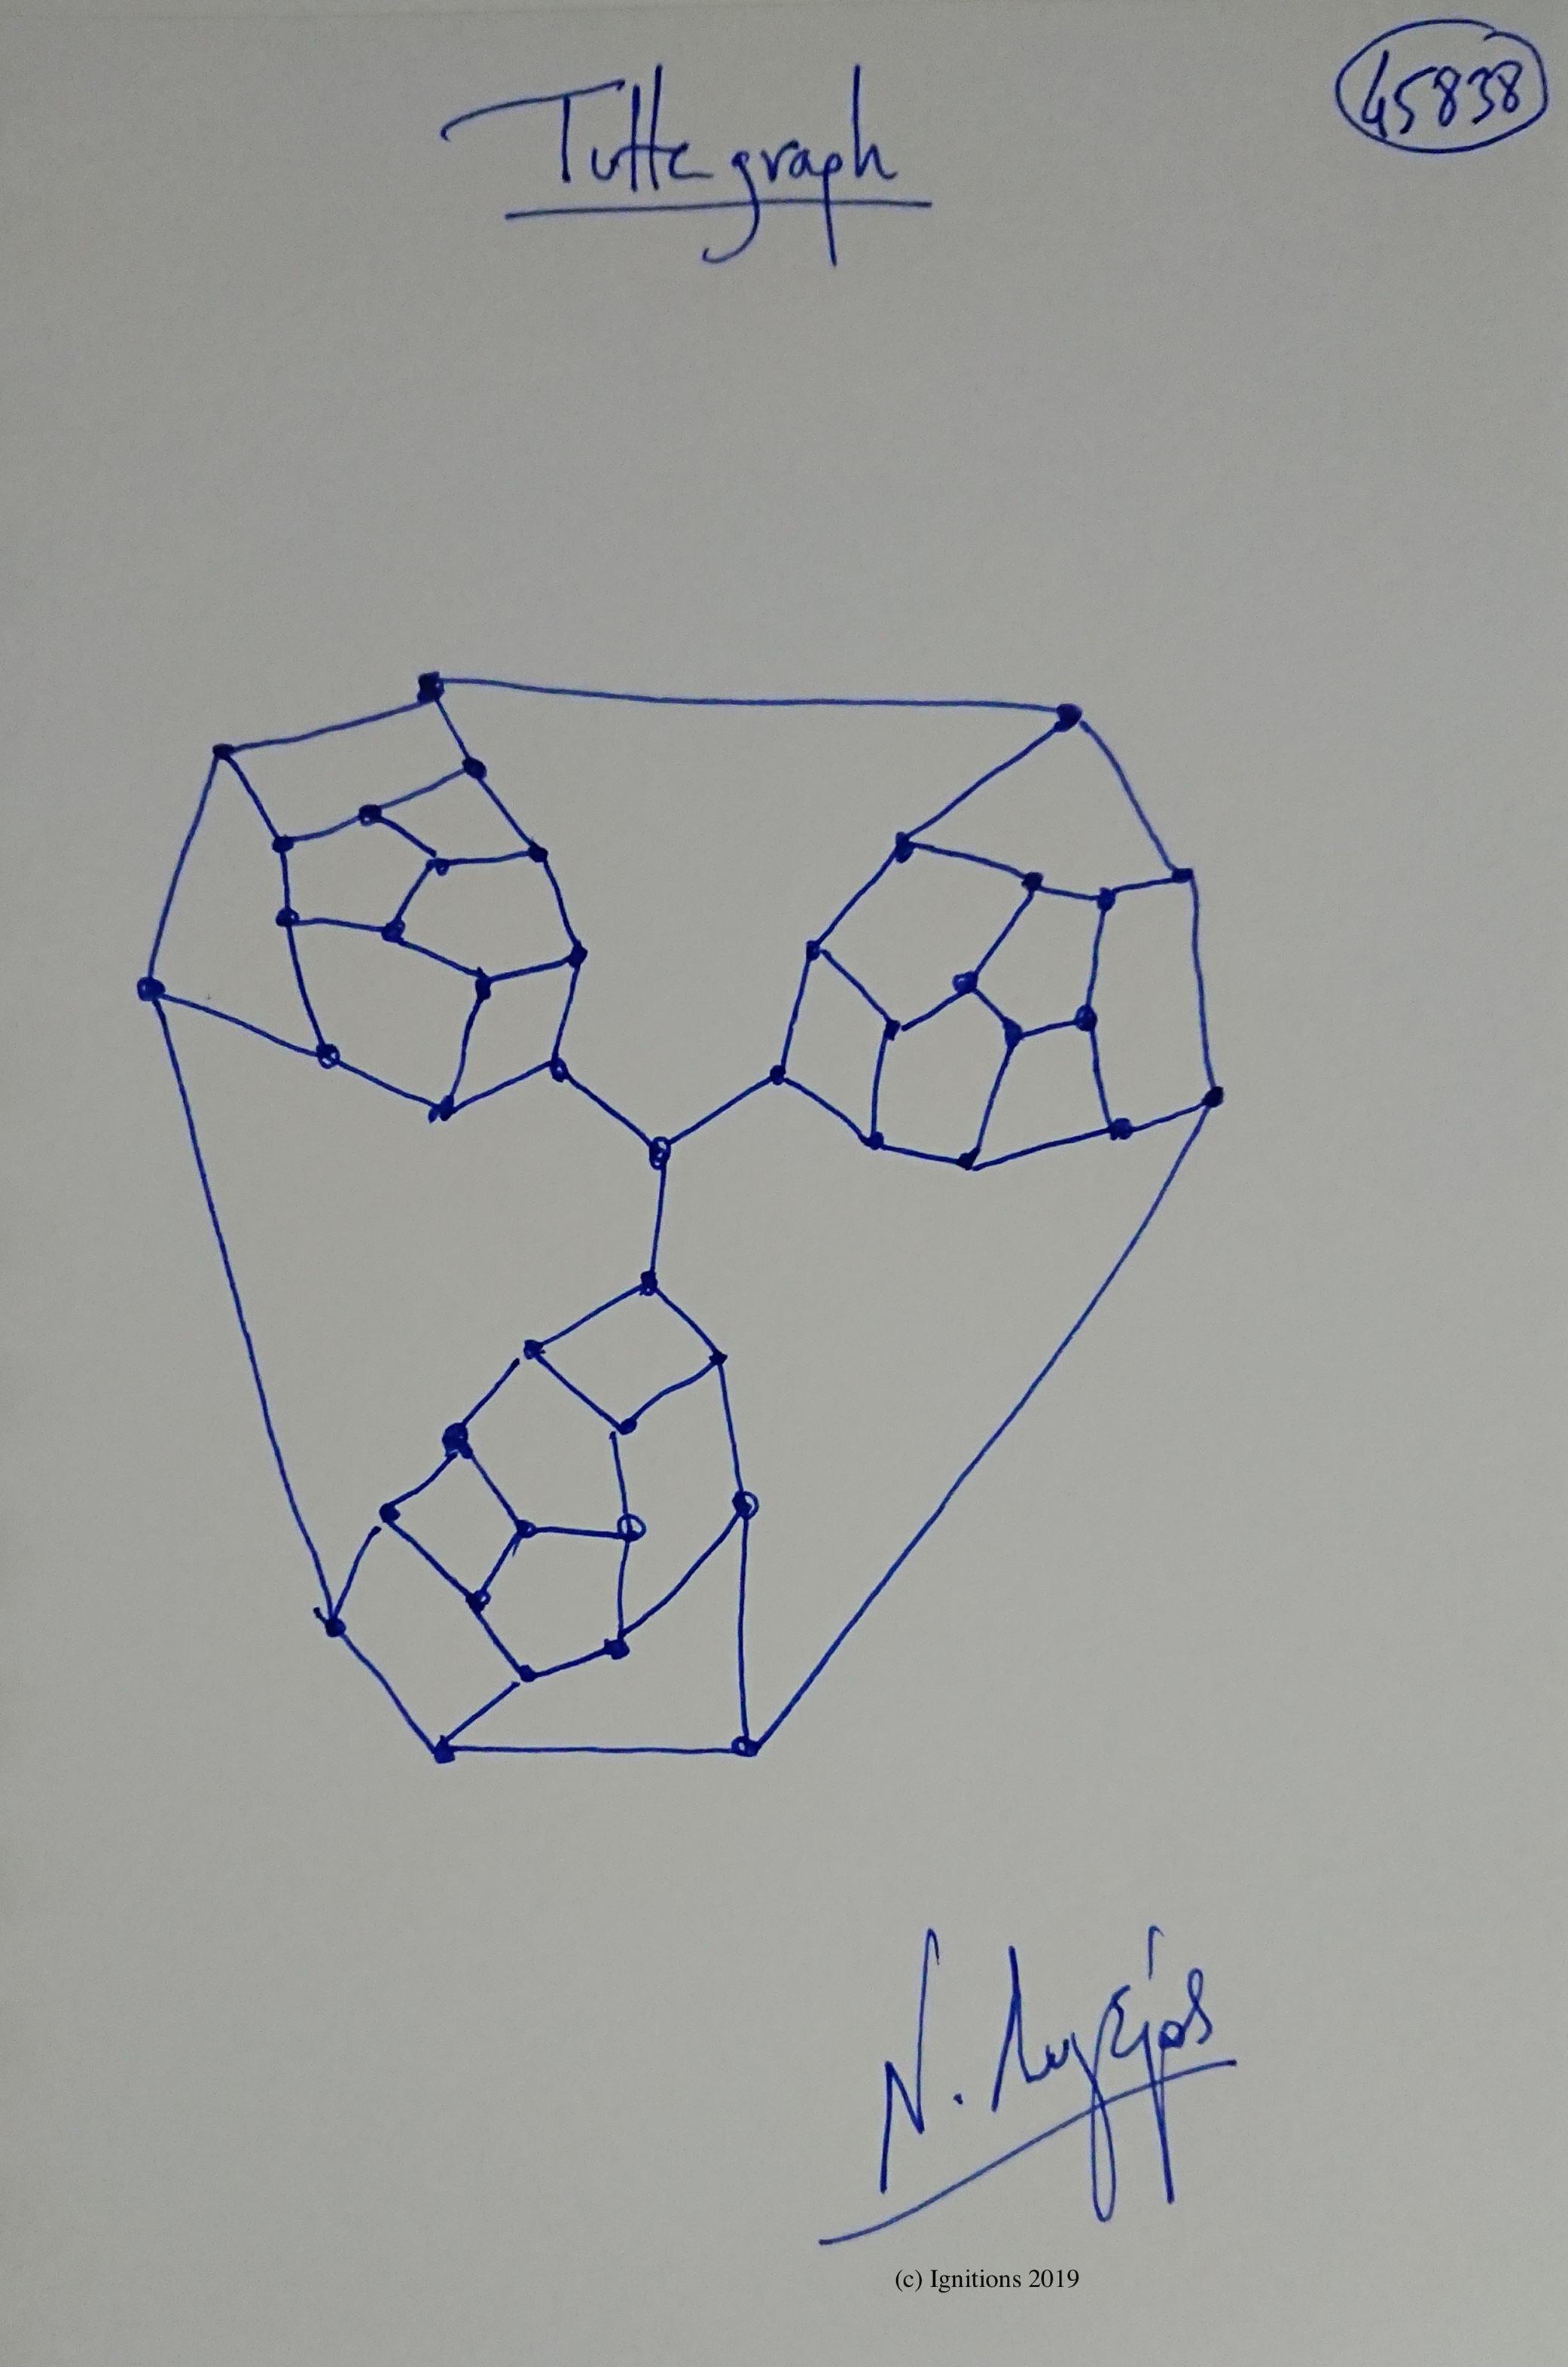 Tutte graph. (Dessin)